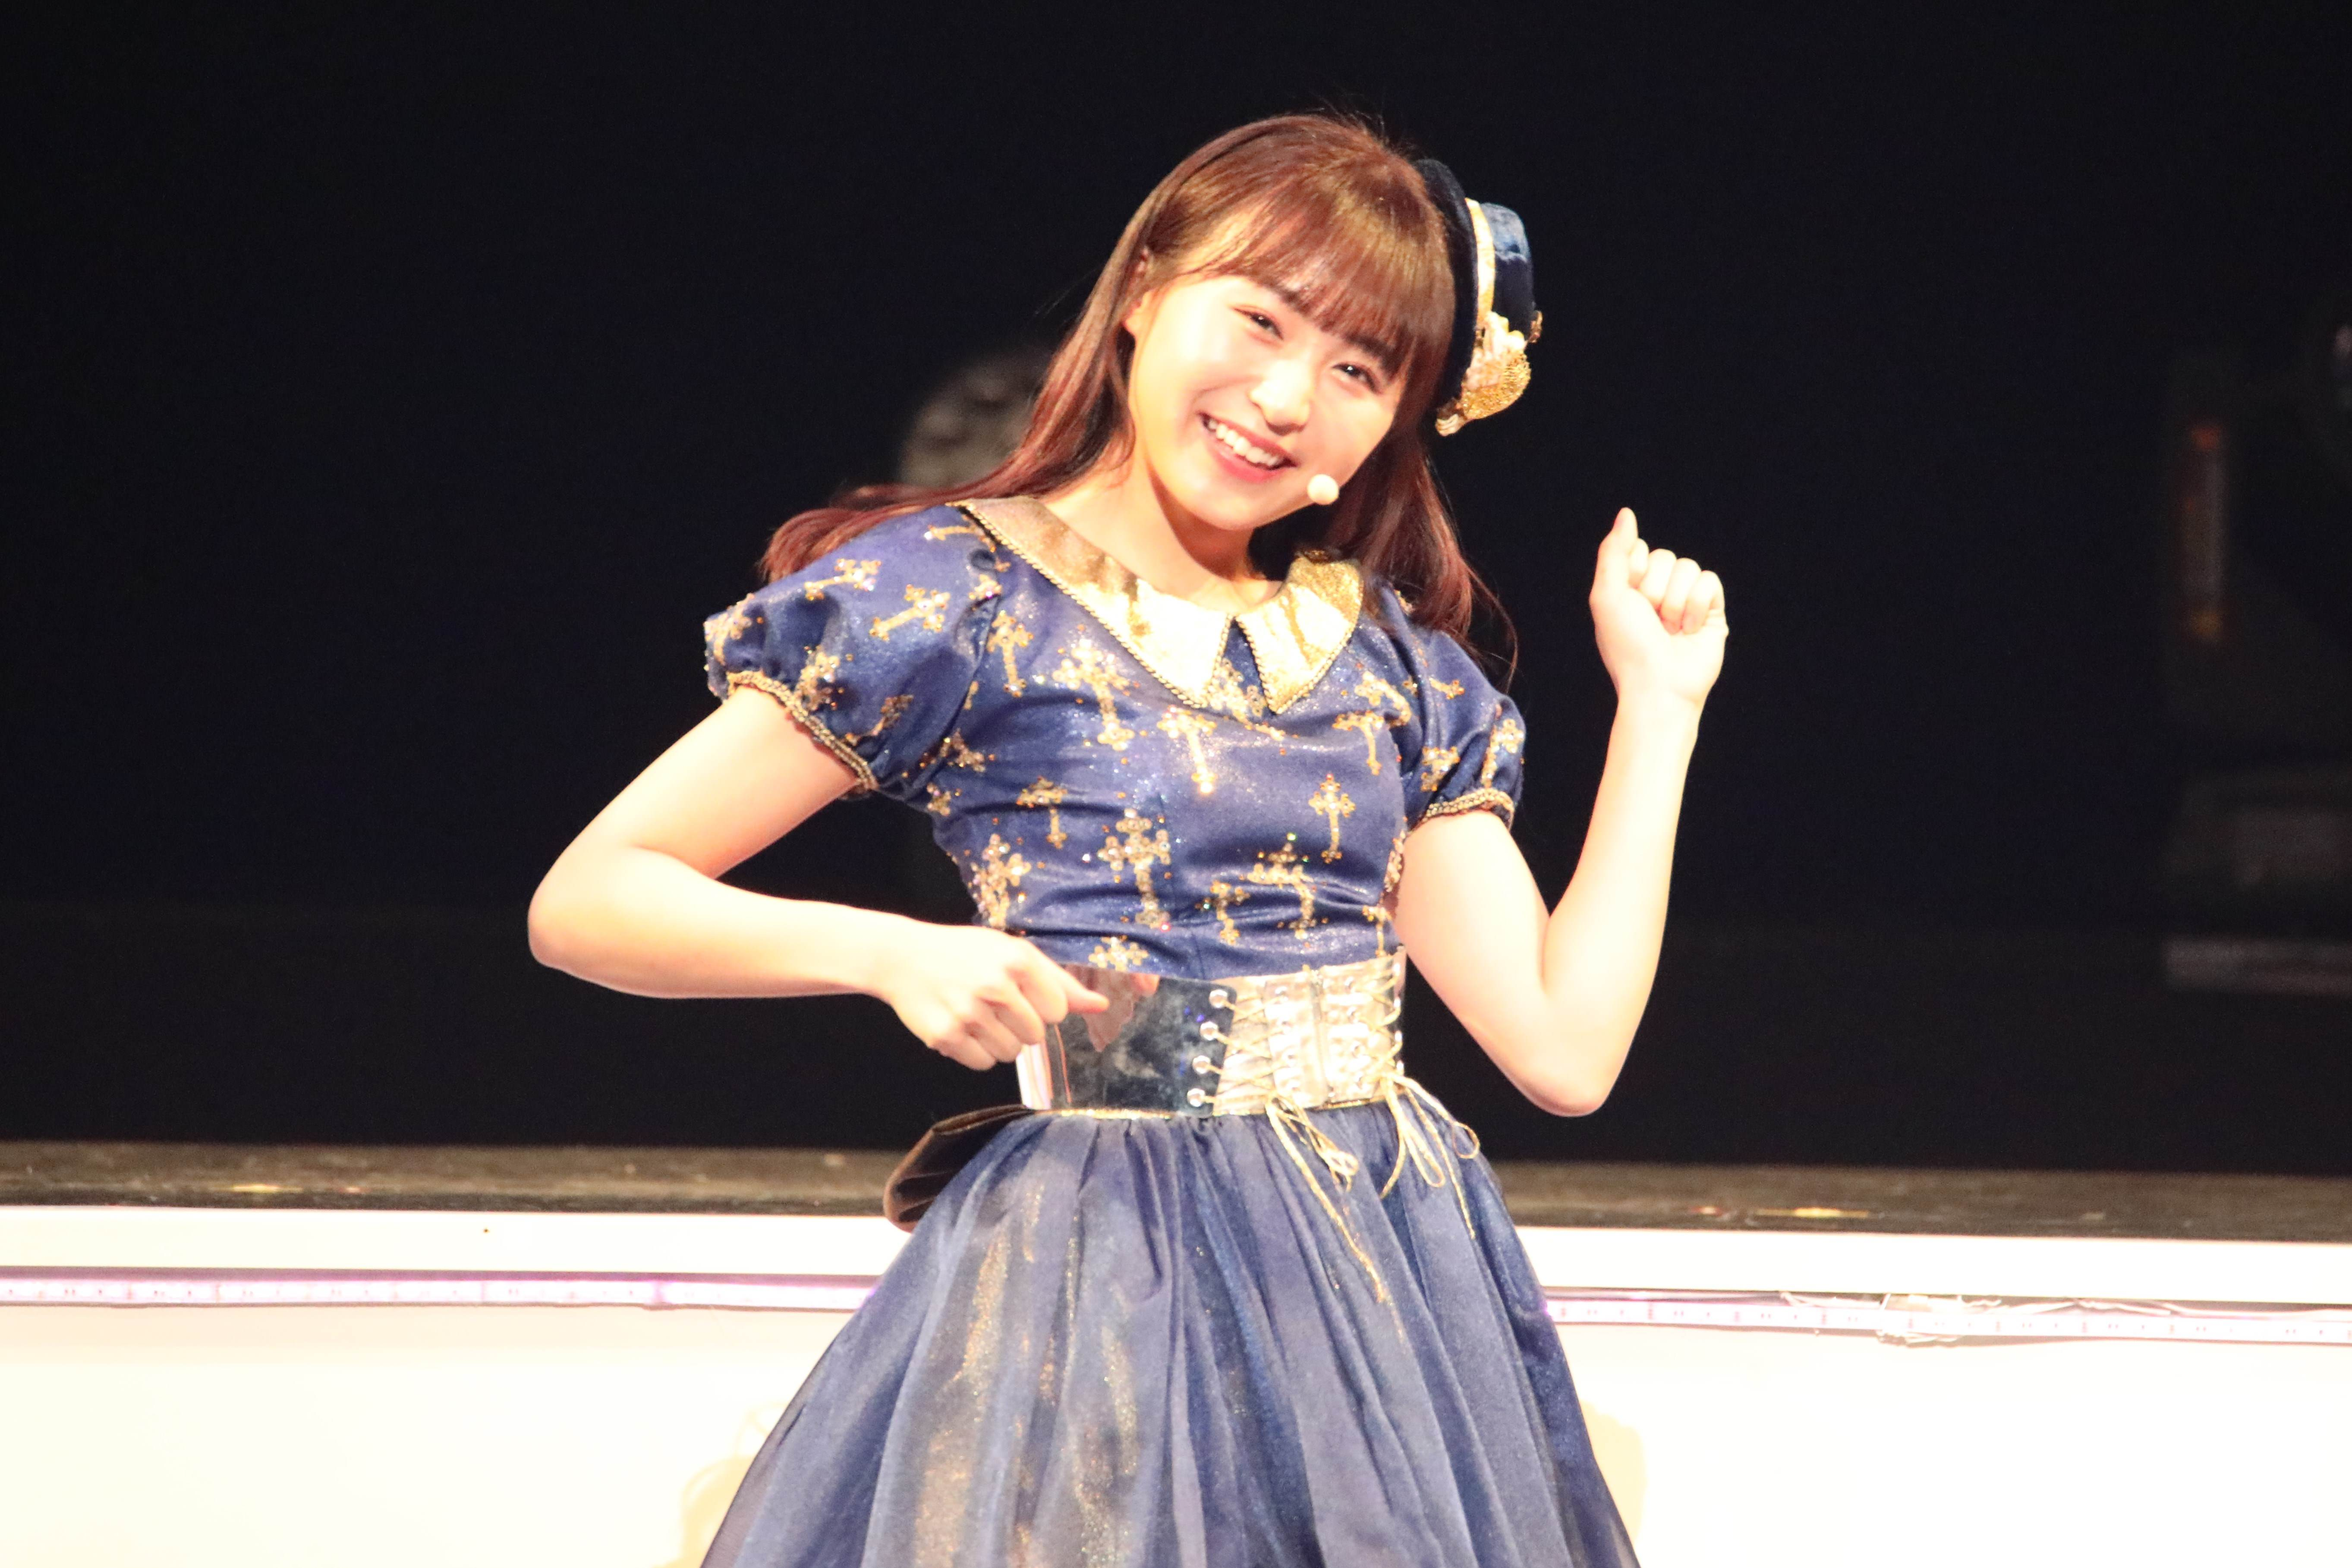 「やぎ座が1位!?!やったーーー!行ってきます!」©AKB48 THE AUDISHOW製作委員会  無断アップロード及び転送は一切禁止です。